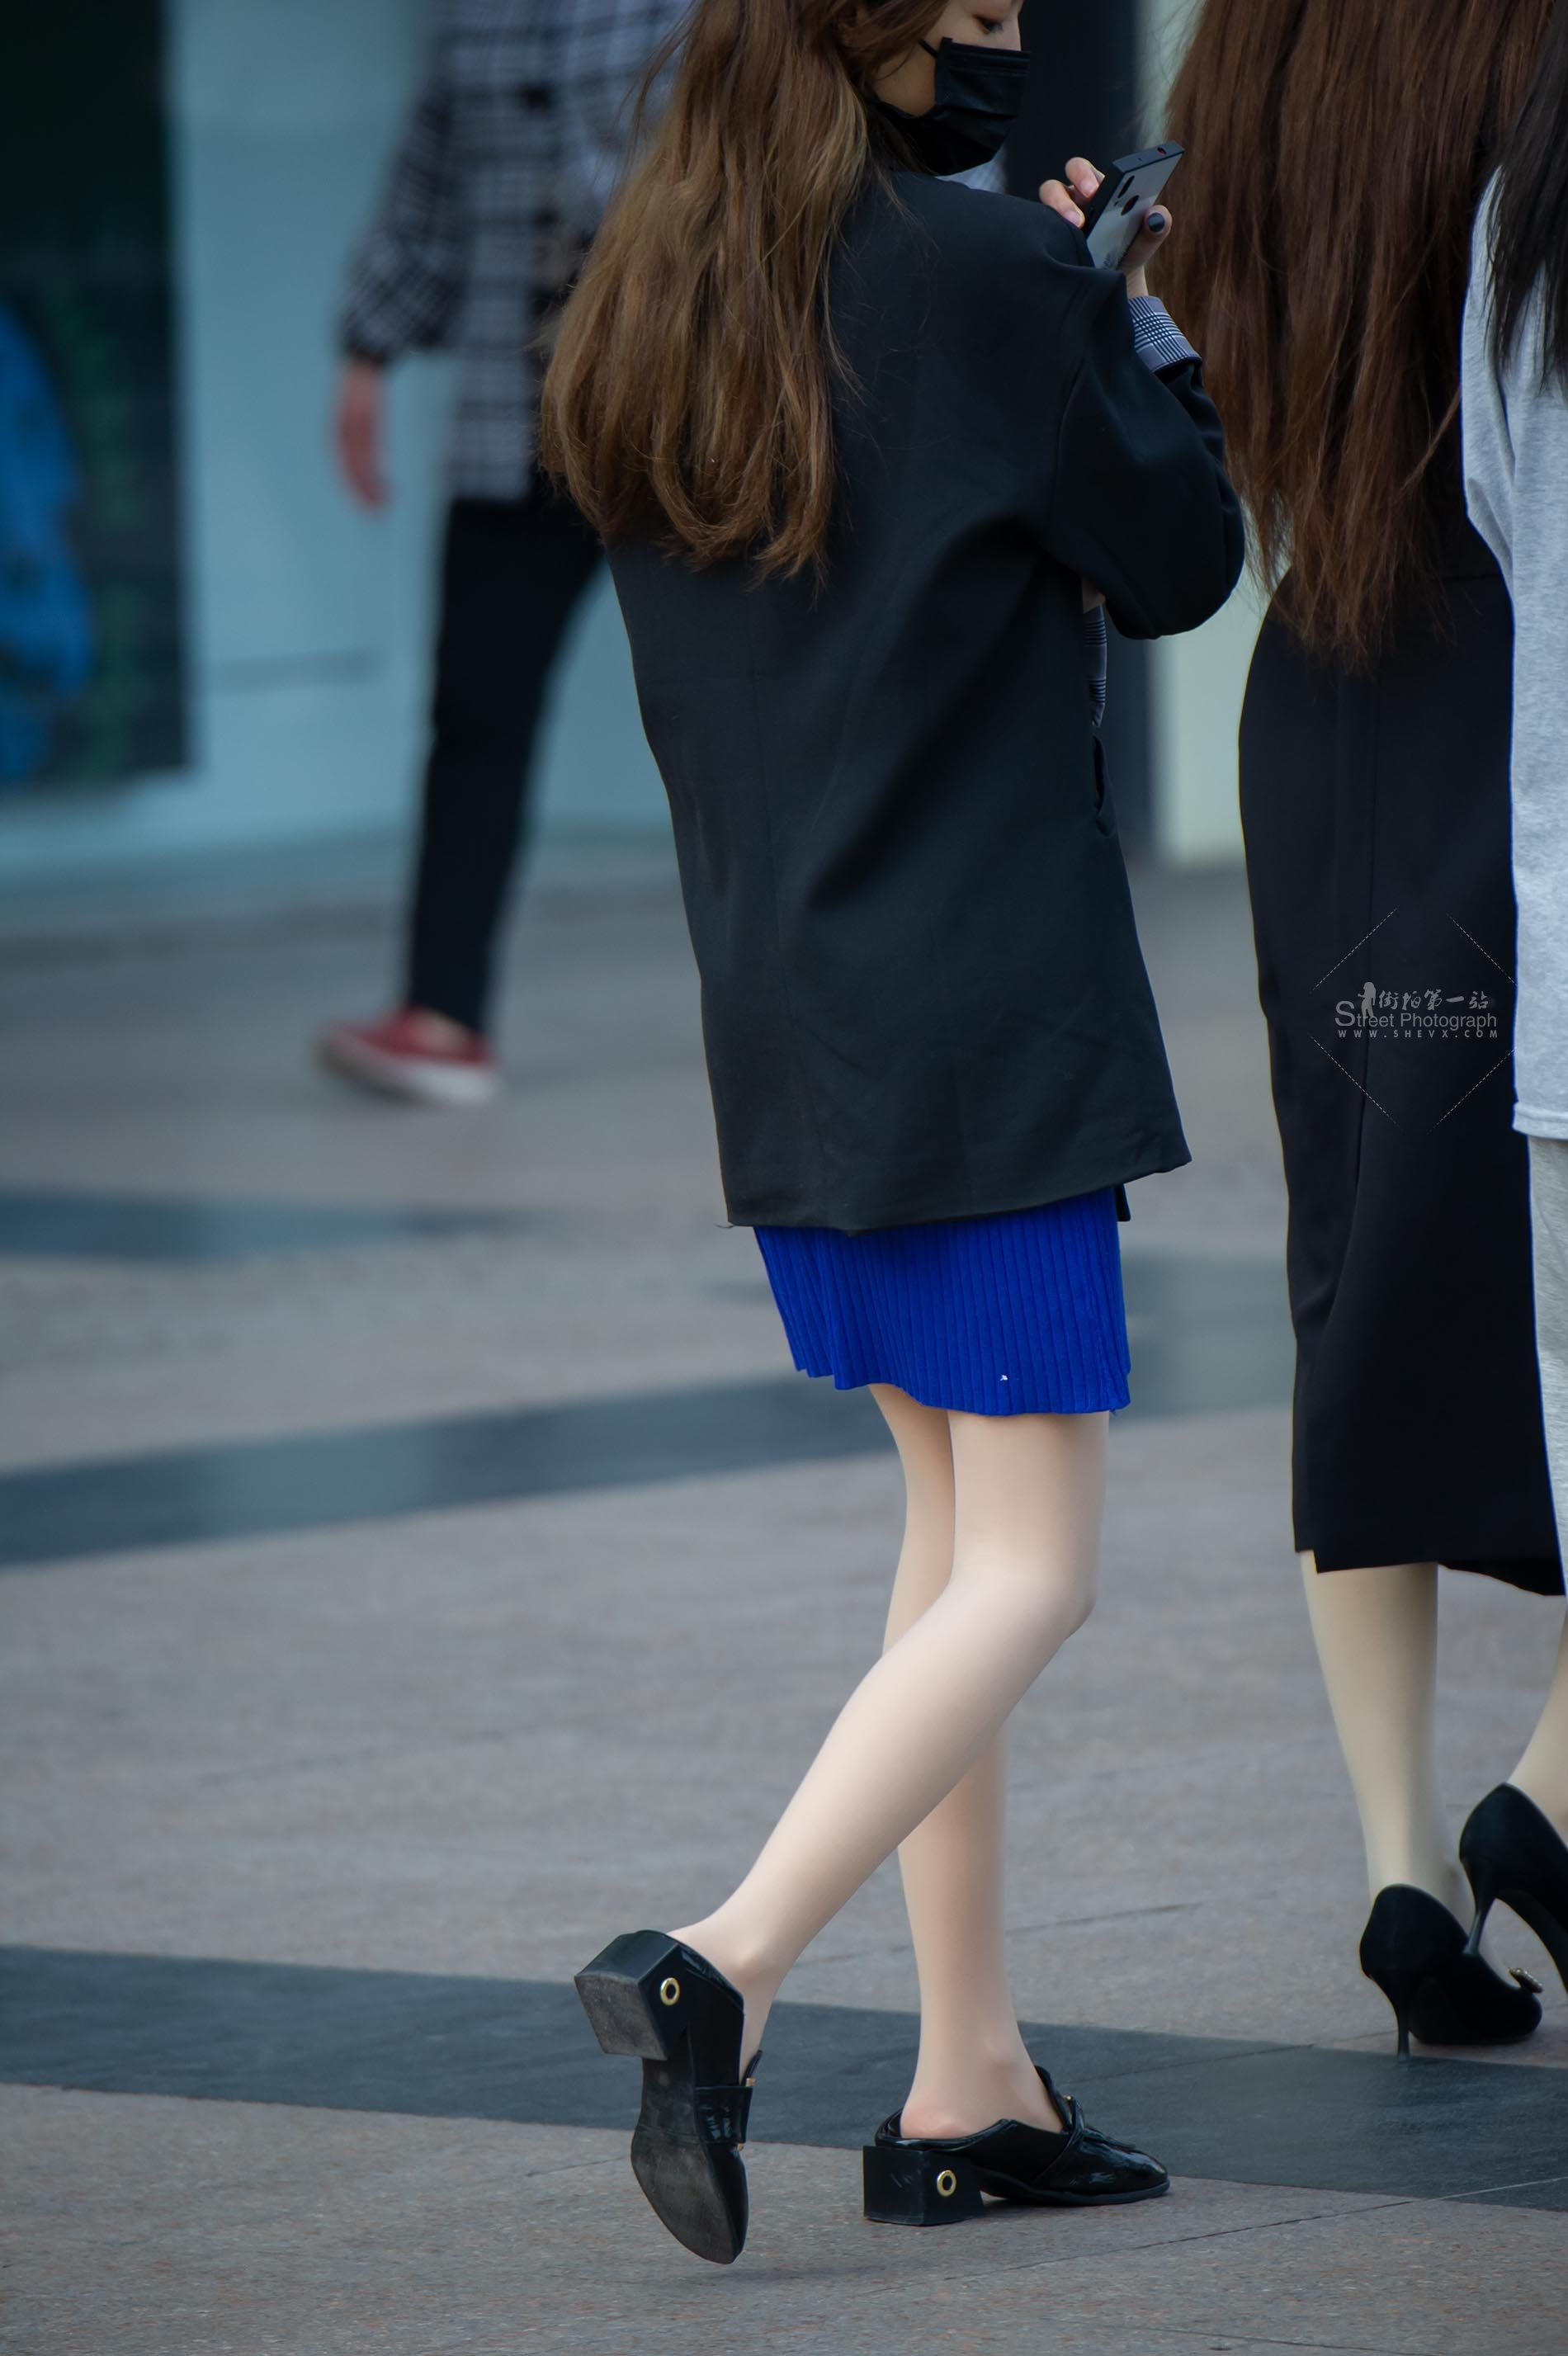 街拍肉丝袜袜,街拍肉丝袜,街拍丝袜 【原创】纤细修长很美的 肉丝袜腿【12P】 最新街拍丝袜图片 街拍丝袜第一站